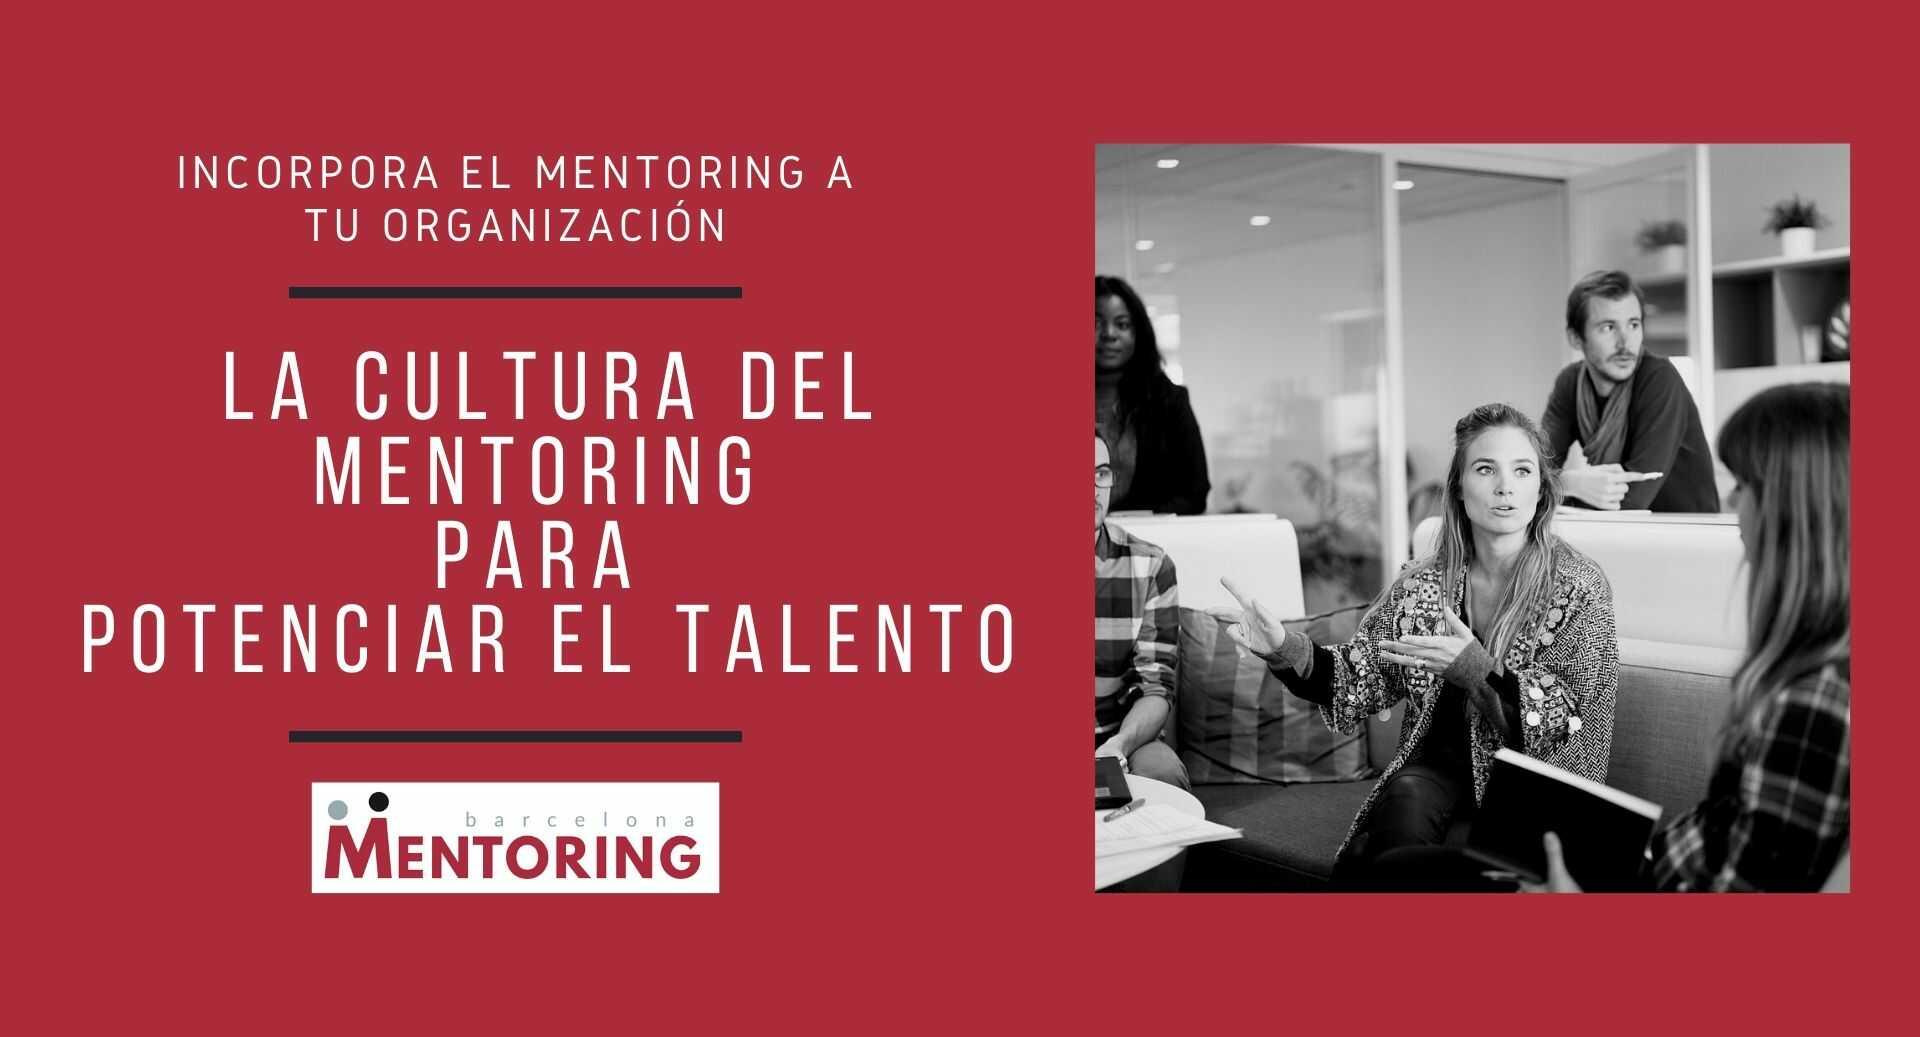 Mentoring para Potenciar el Talento